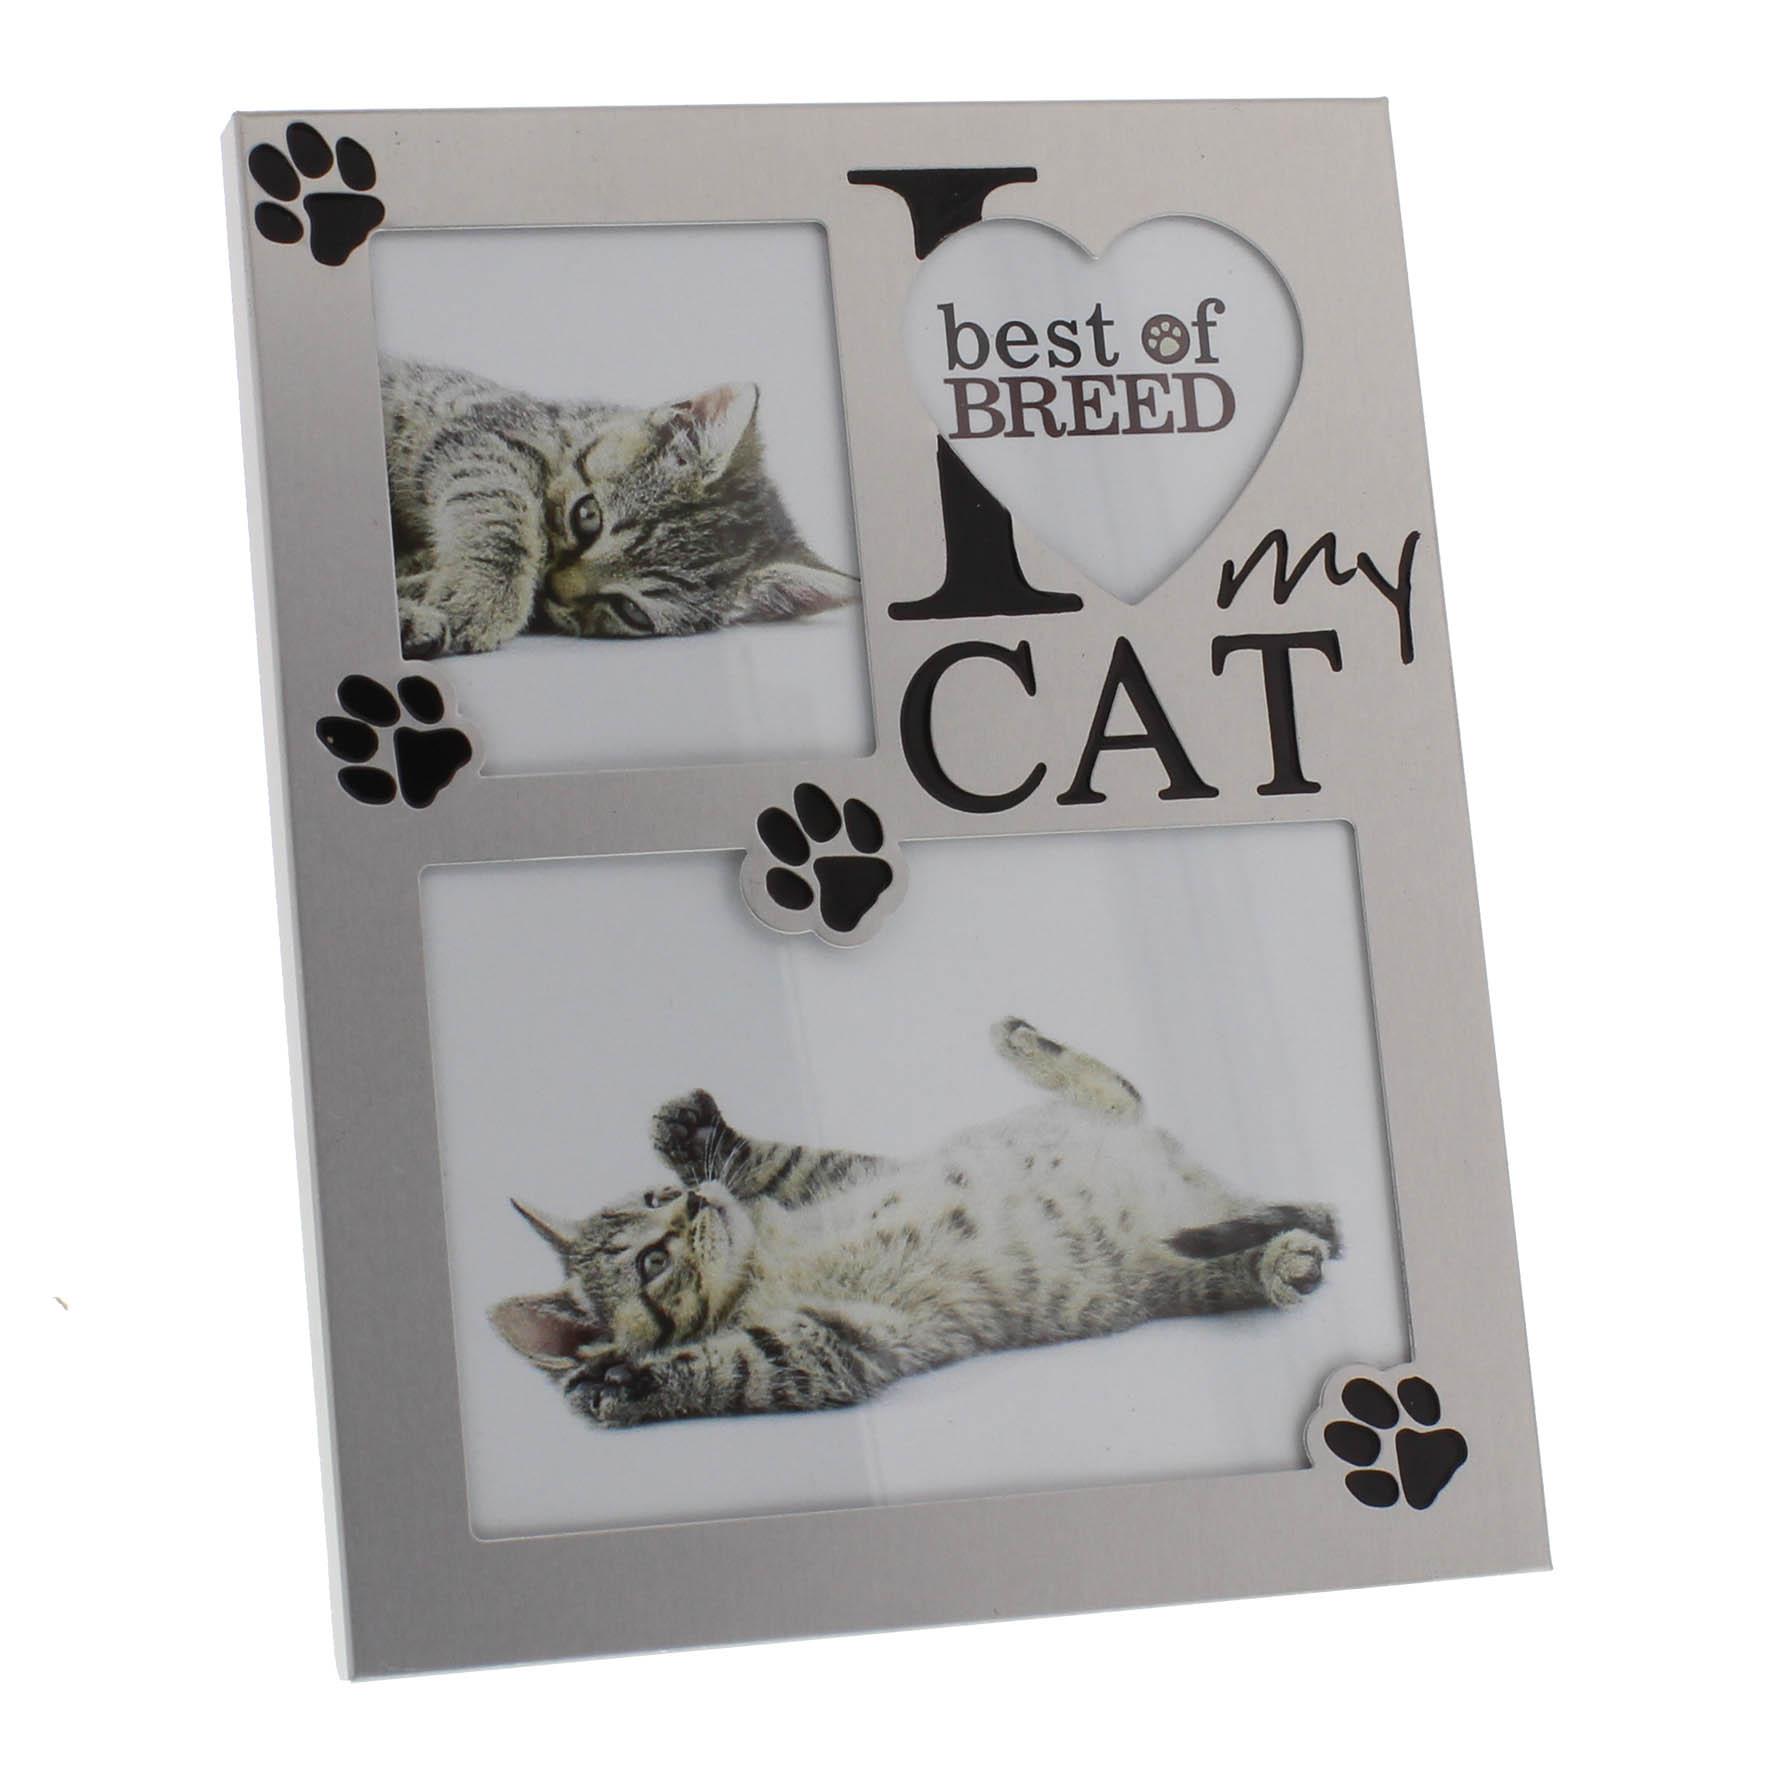 I love my Cat - Fotorahmen für Katzenliebhaber